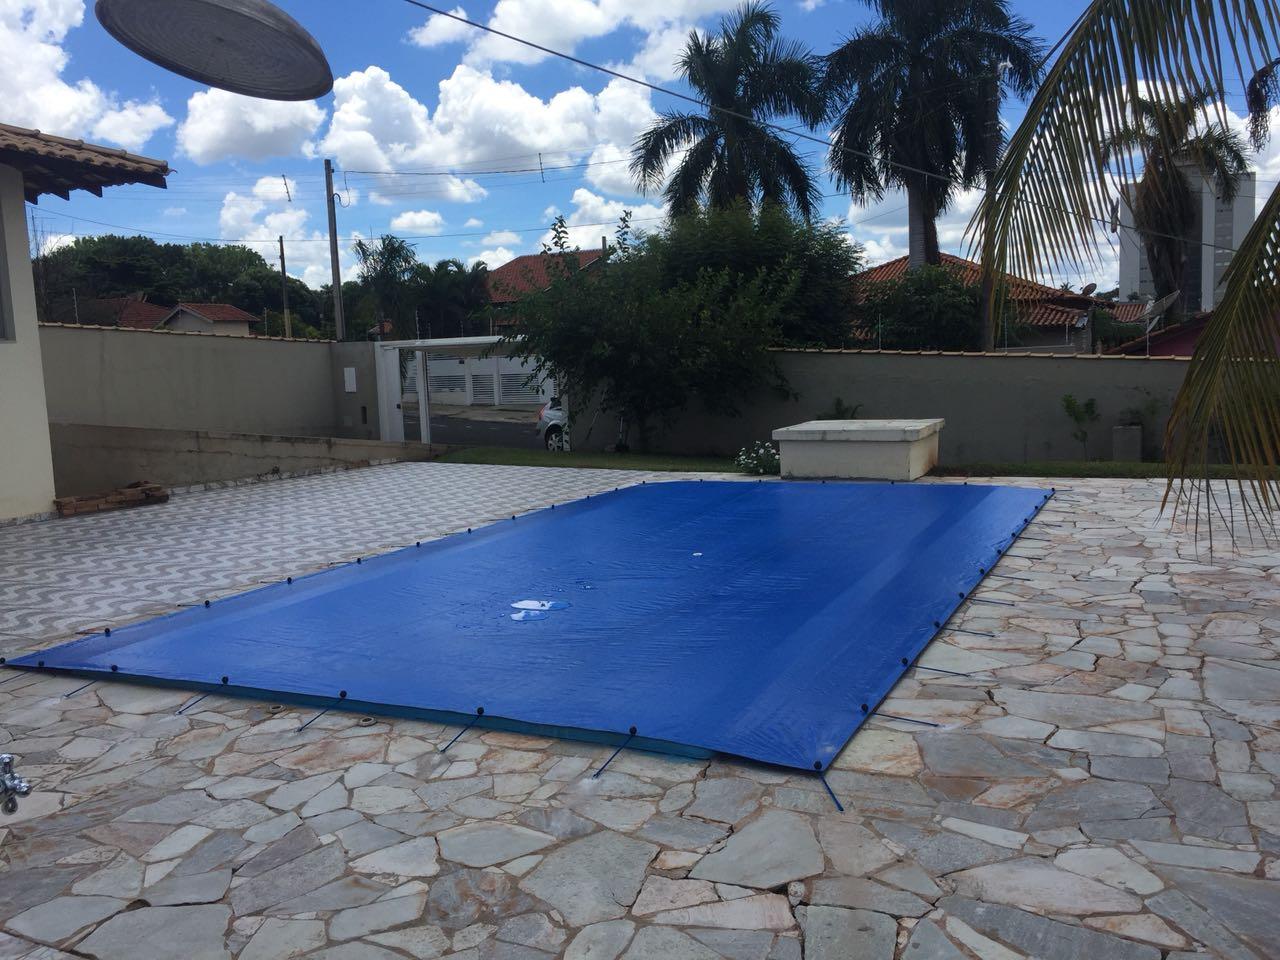 Capa para Piscina Proteção Azul 300 Micras - 12,5x6,5